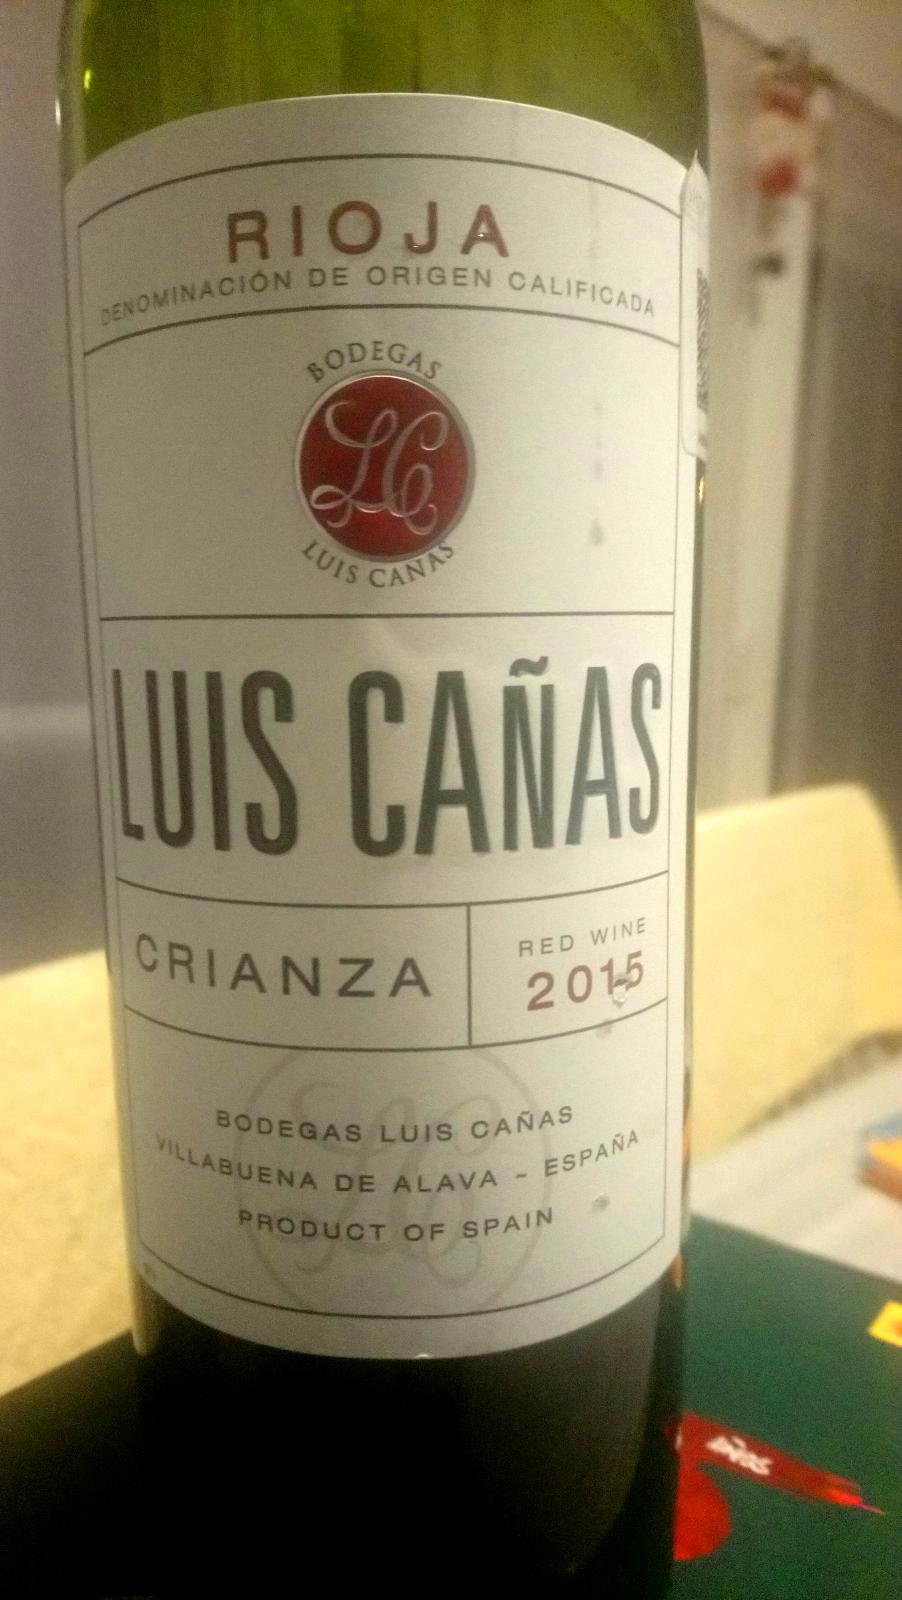 Etiqueta de Vino Luis Cañas crianza 2015, fotografía de 52 Semanas y 52 Vinos.  Semana #1, Vino #1.